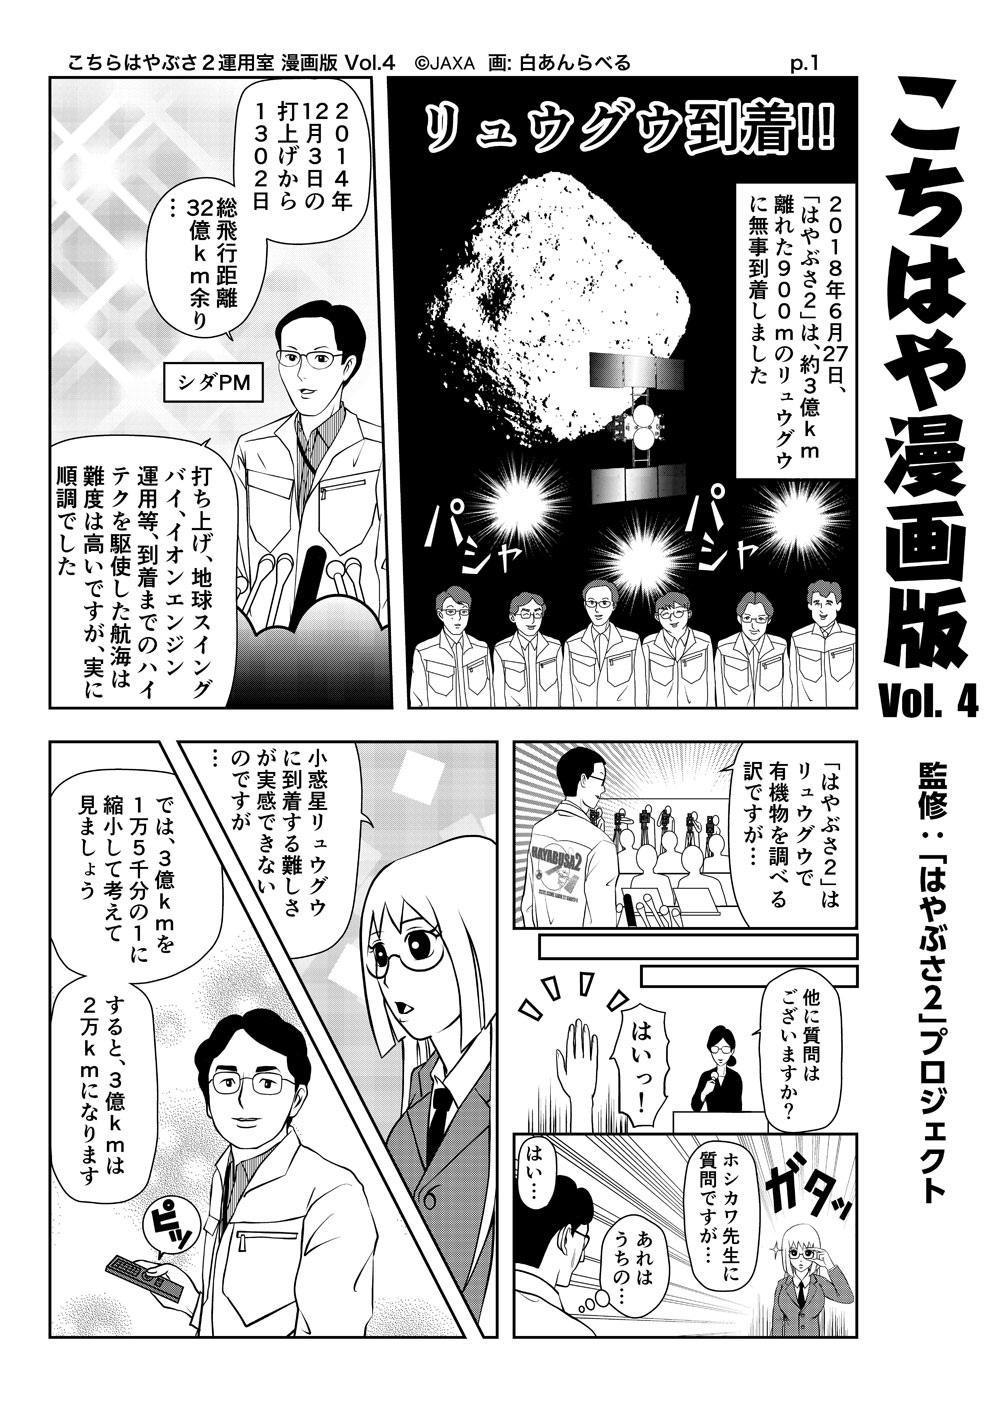 comic04_1.jpg